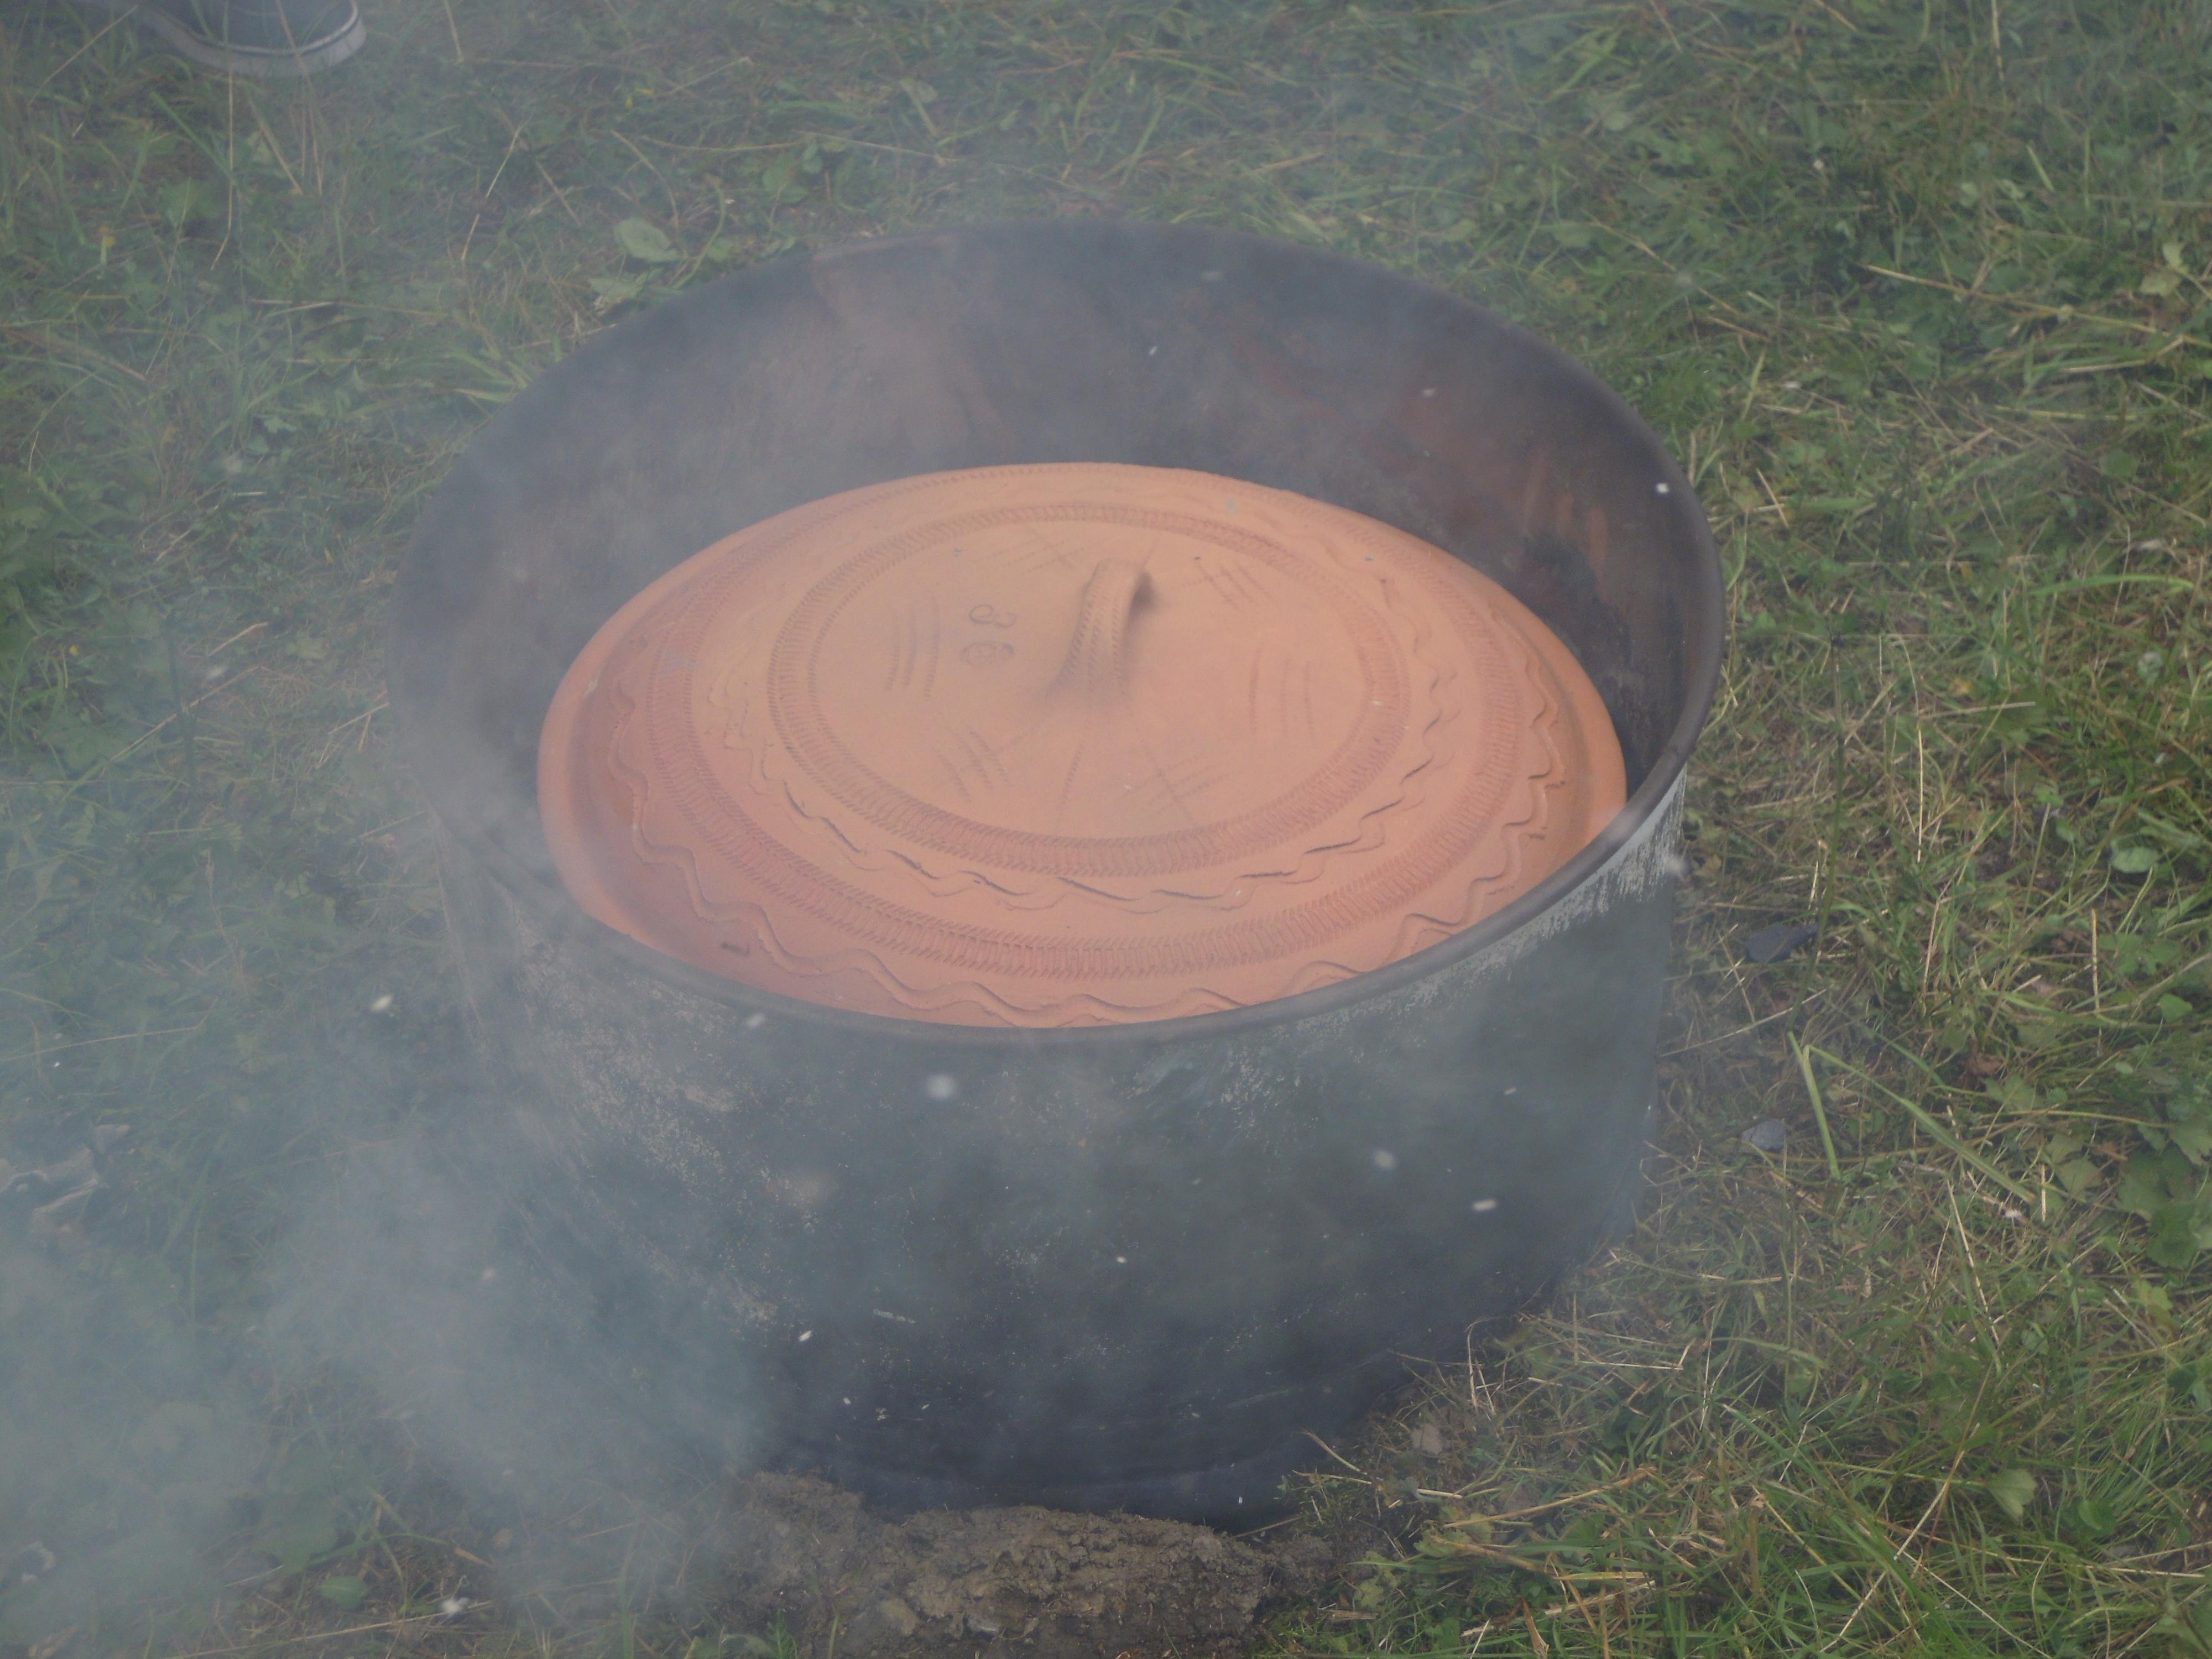 Vložení hliněného hrnce do skruže se žhavým uhlím